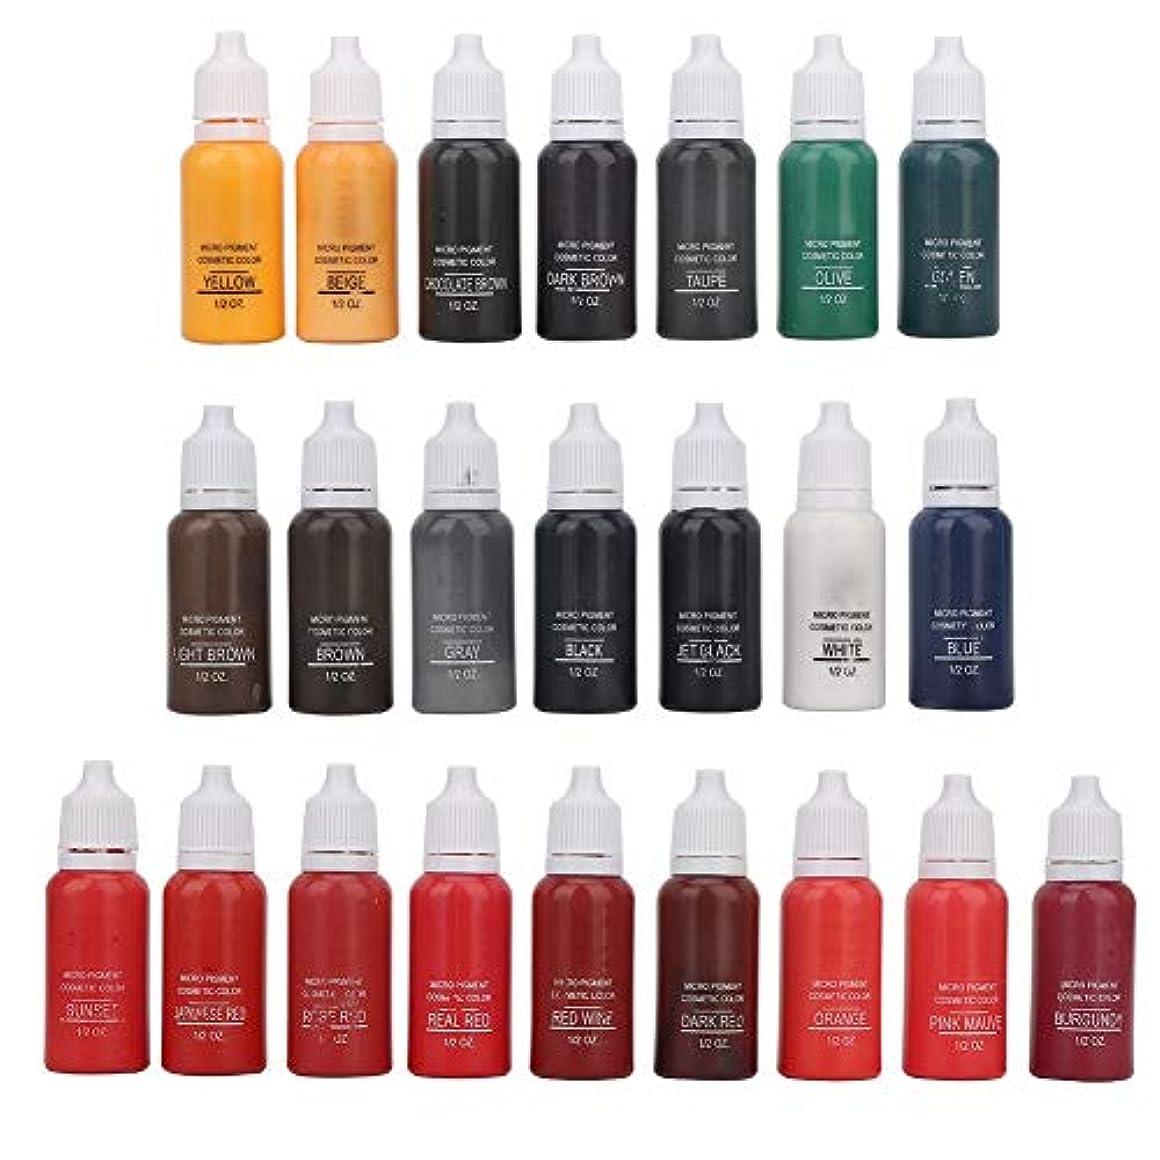 アルミニウム空白悔い改める23色のタトゥーインクセット、23 x 15mlボディカラーアイブロウメイクアップタトゥーインク、色が均等に長続きする鮮やかで明るい、リップアイブロウタトゥー顔料インク長持ちするタトゥーインクアクセサリー